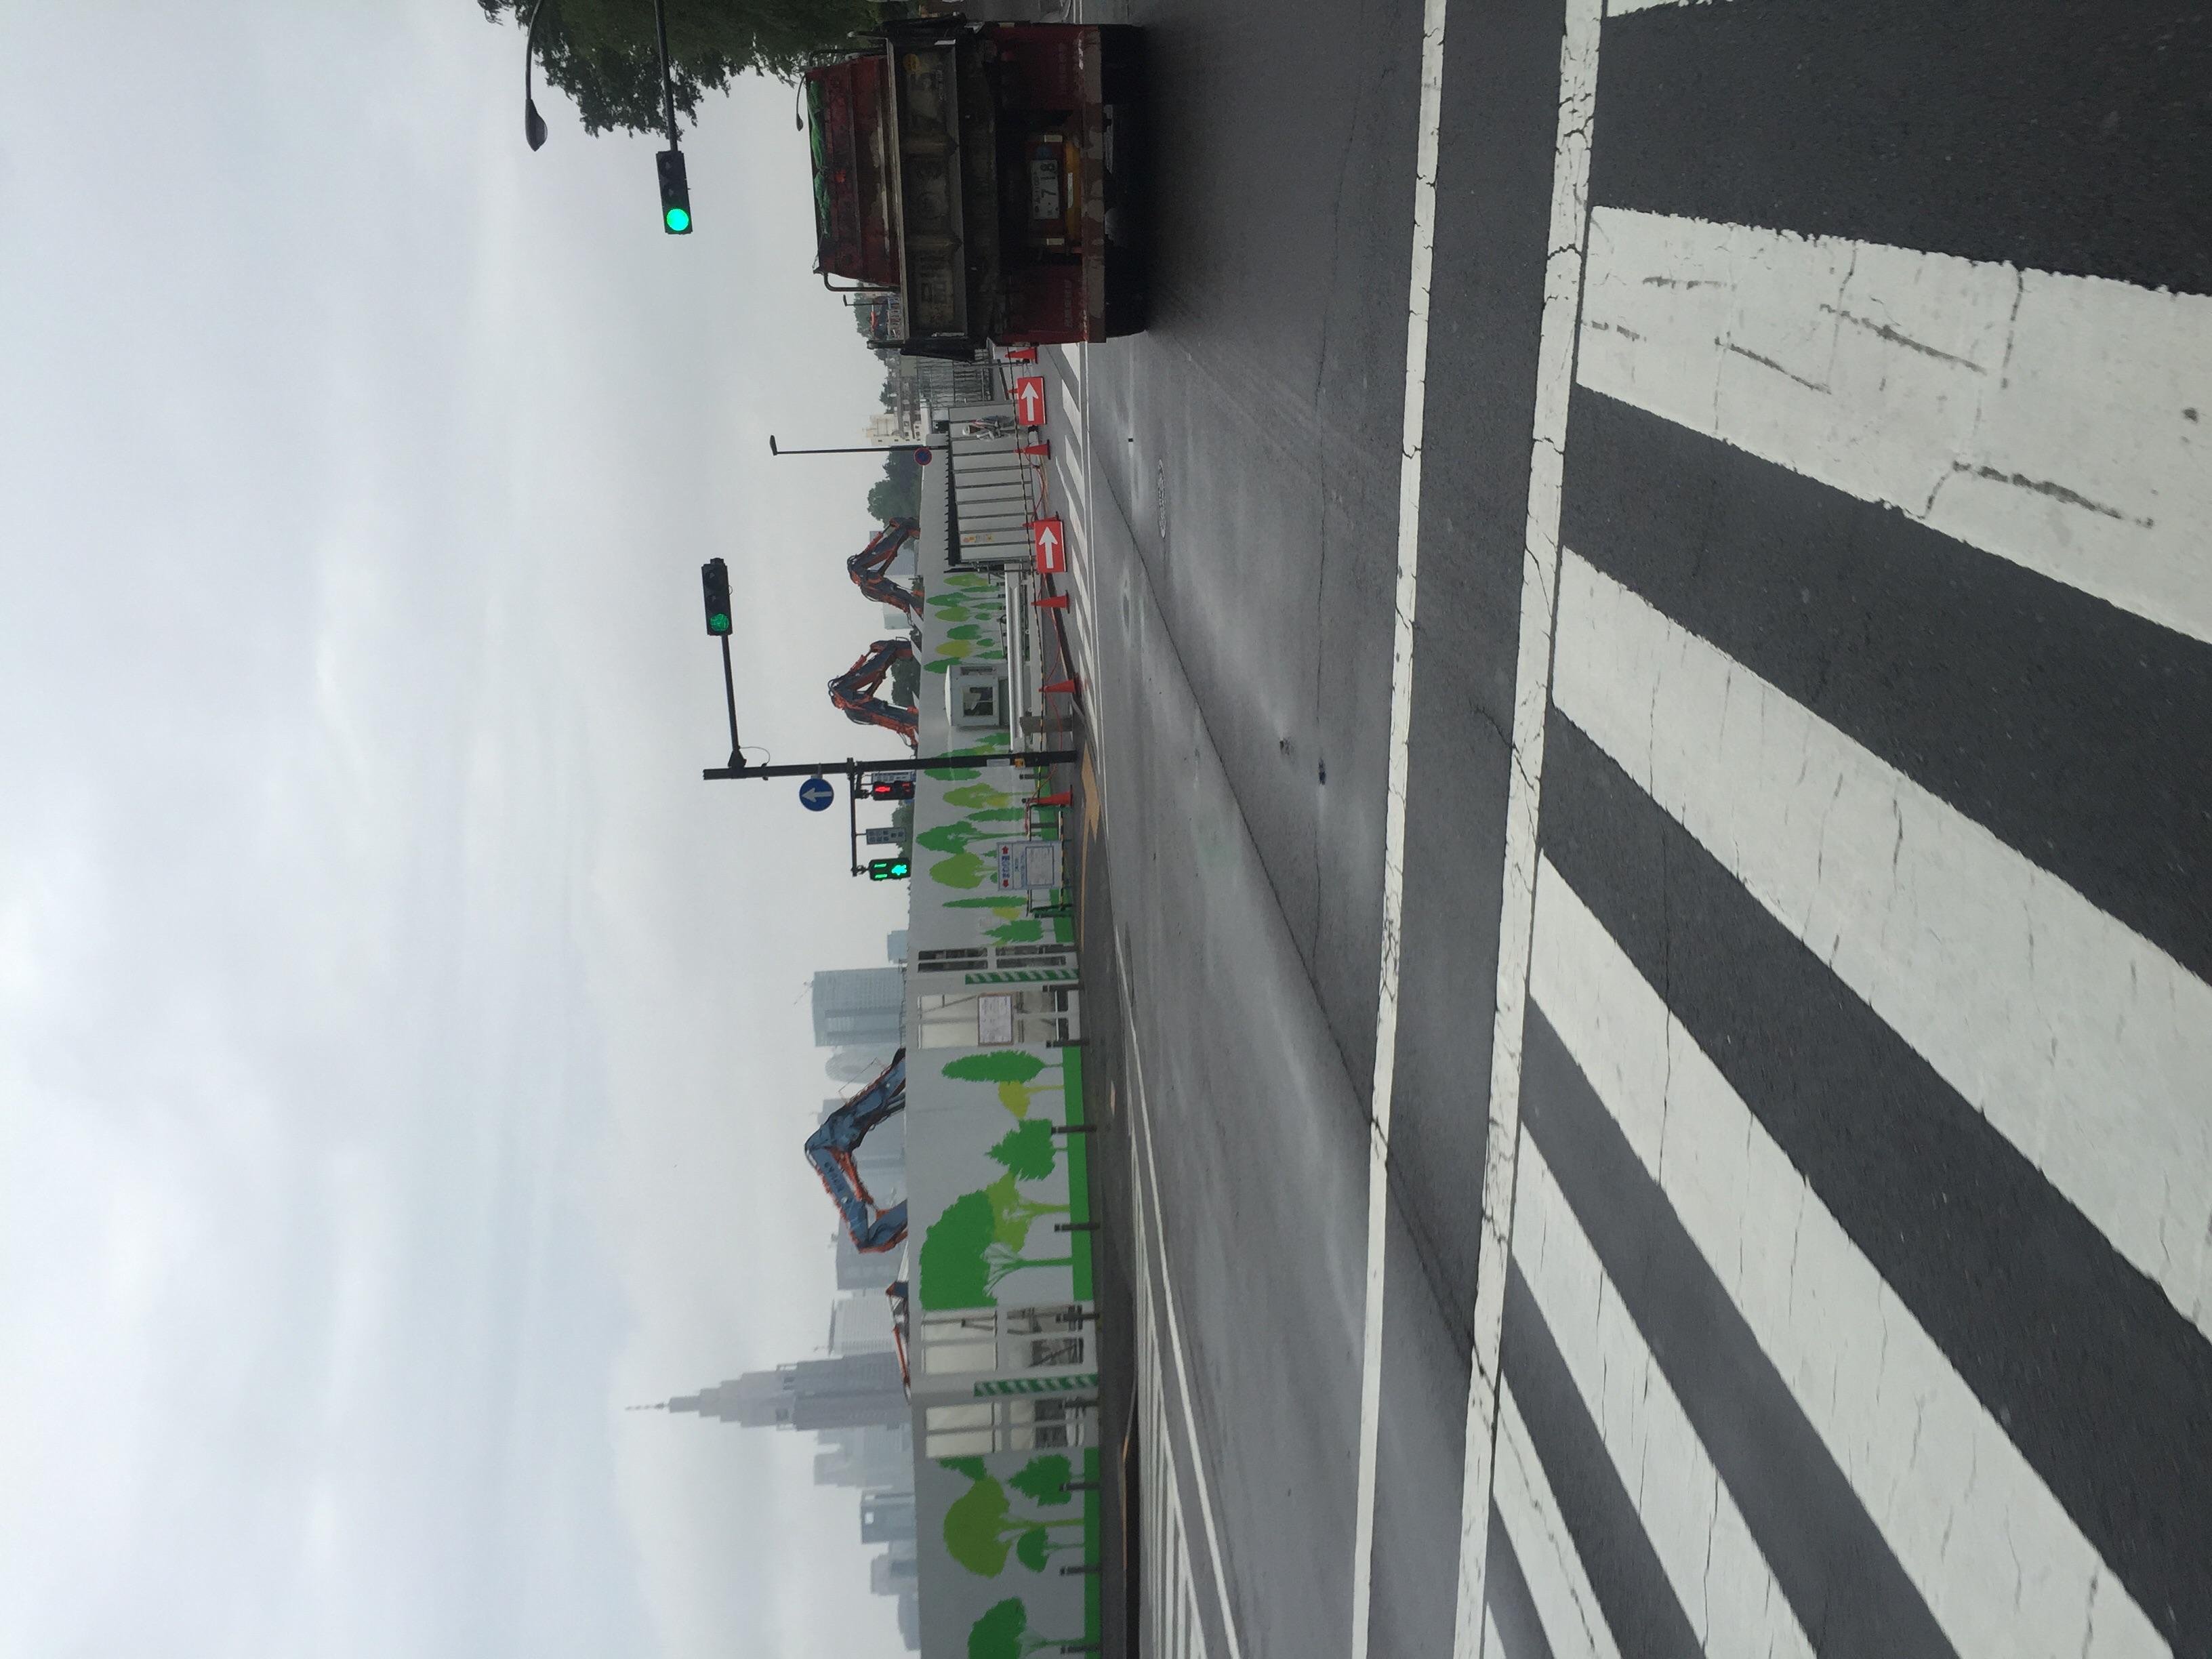 Shinjuku by drizzle light.......